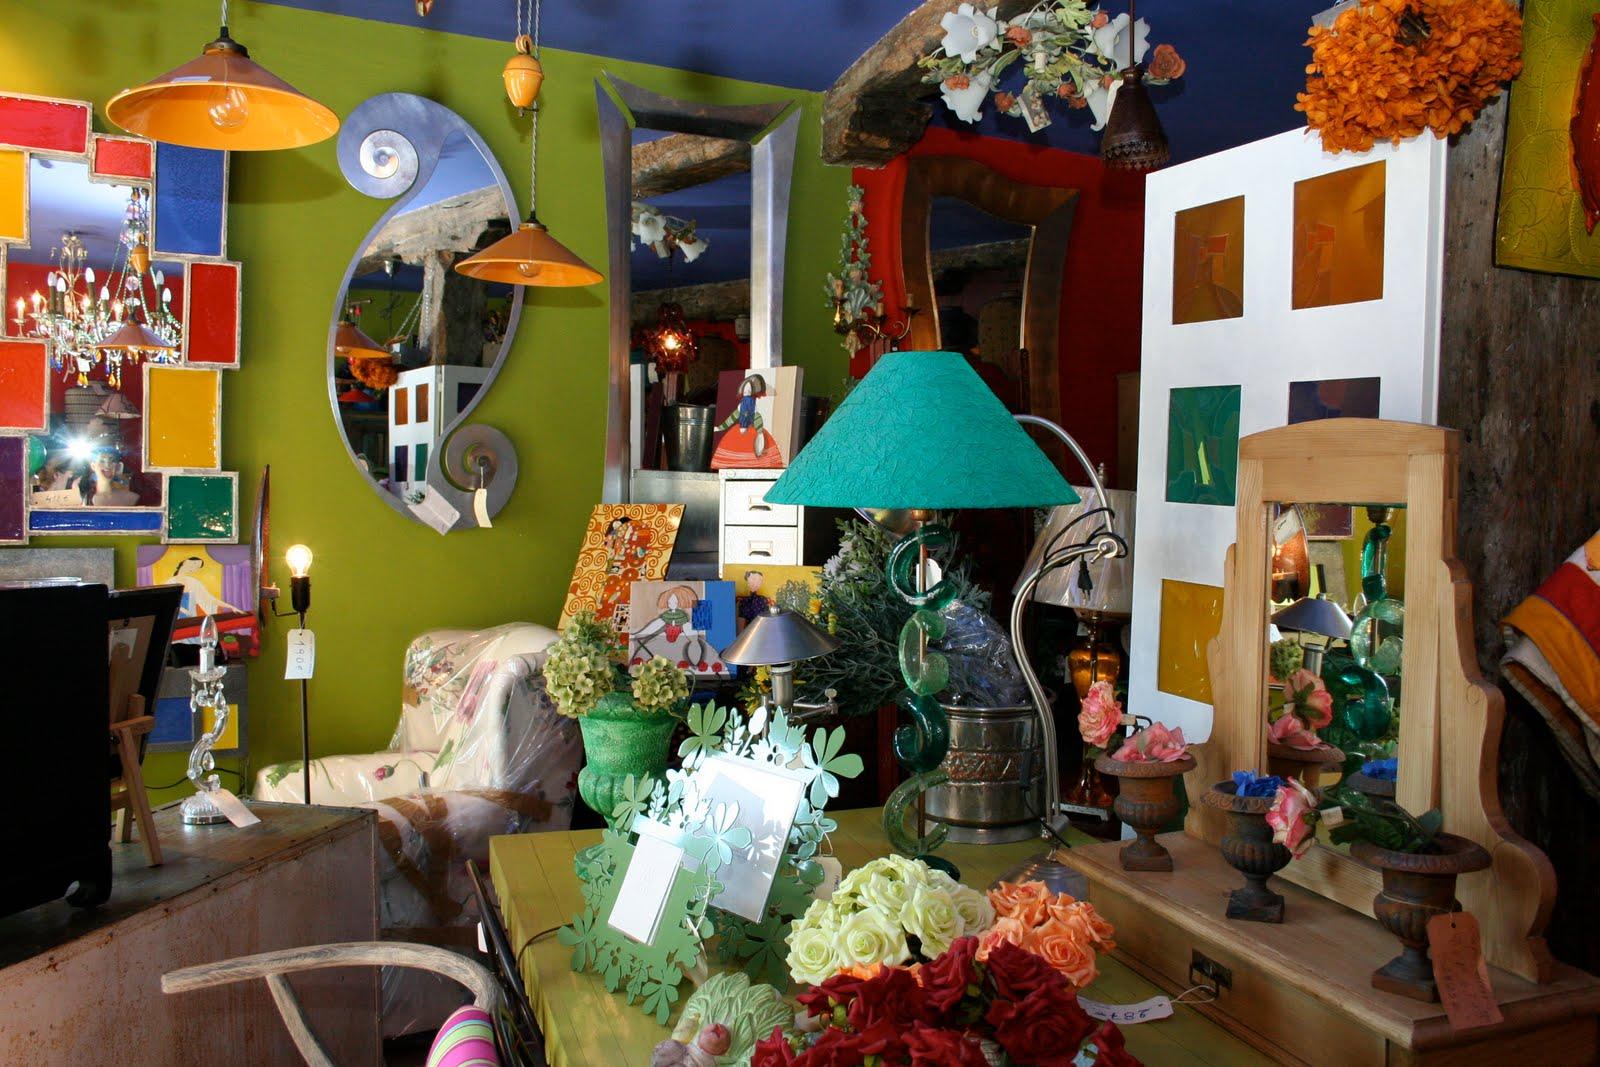 Art culos de decoraci n del hogar en lozano allende for Articulos decoracion hogar